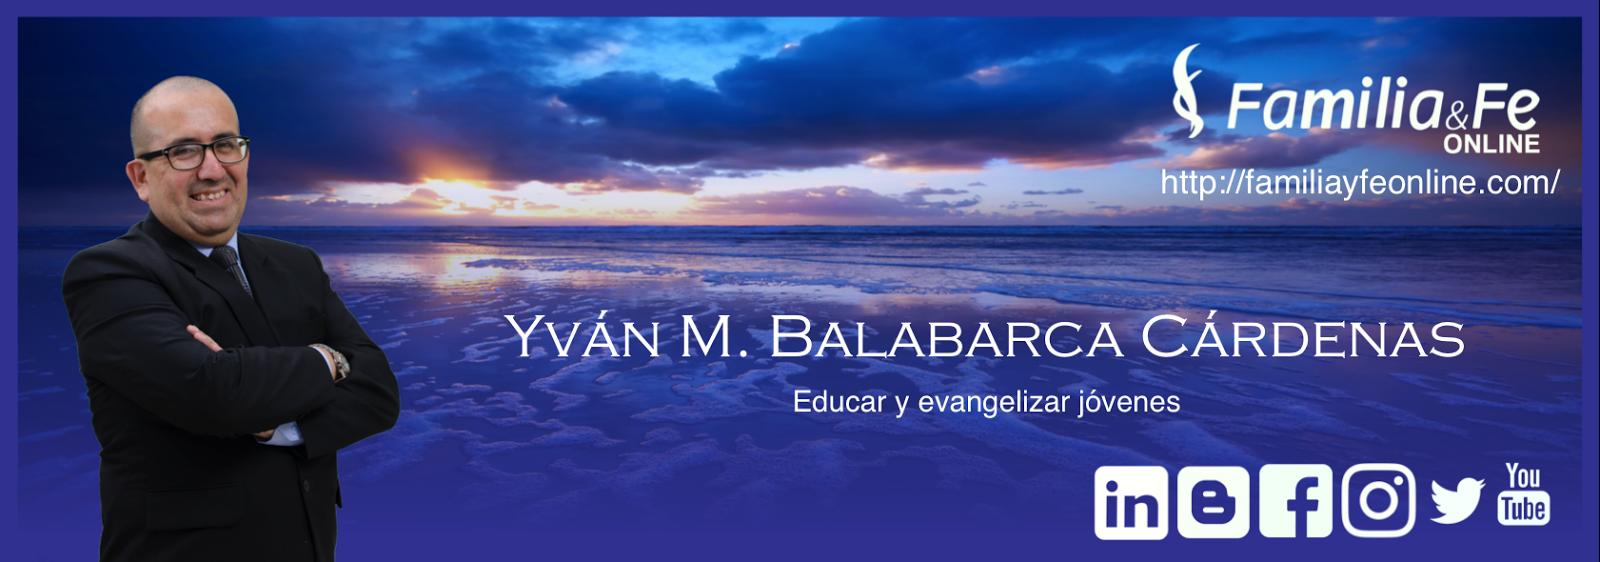 Yvan Balabarca